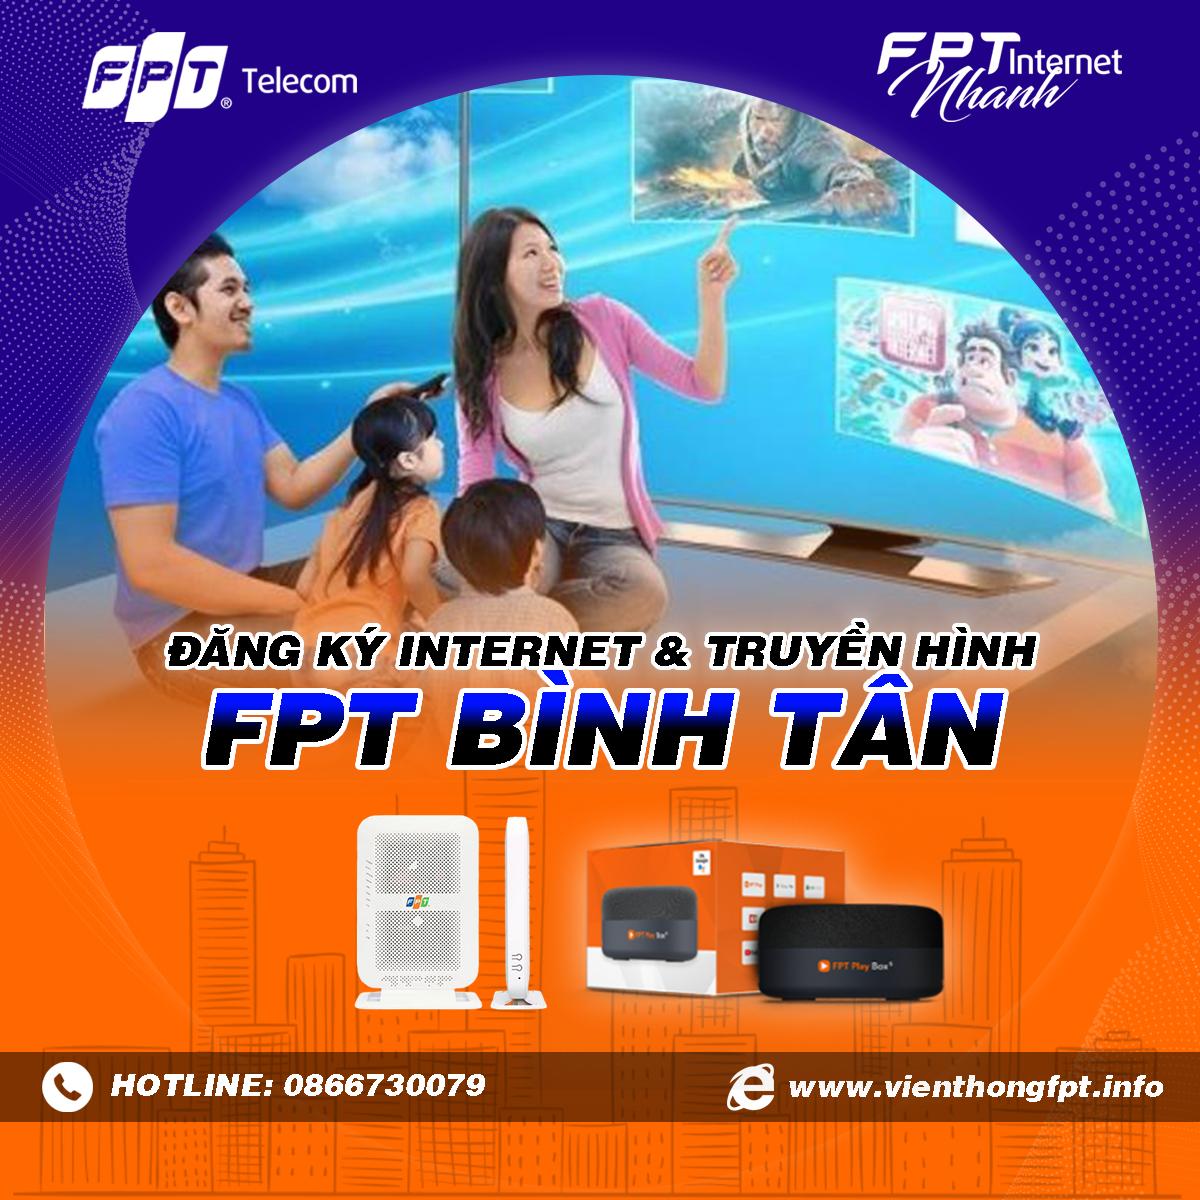 Chi nhánh FPT Bình Tân - Đăng ký Internet và Truyền hình FPT